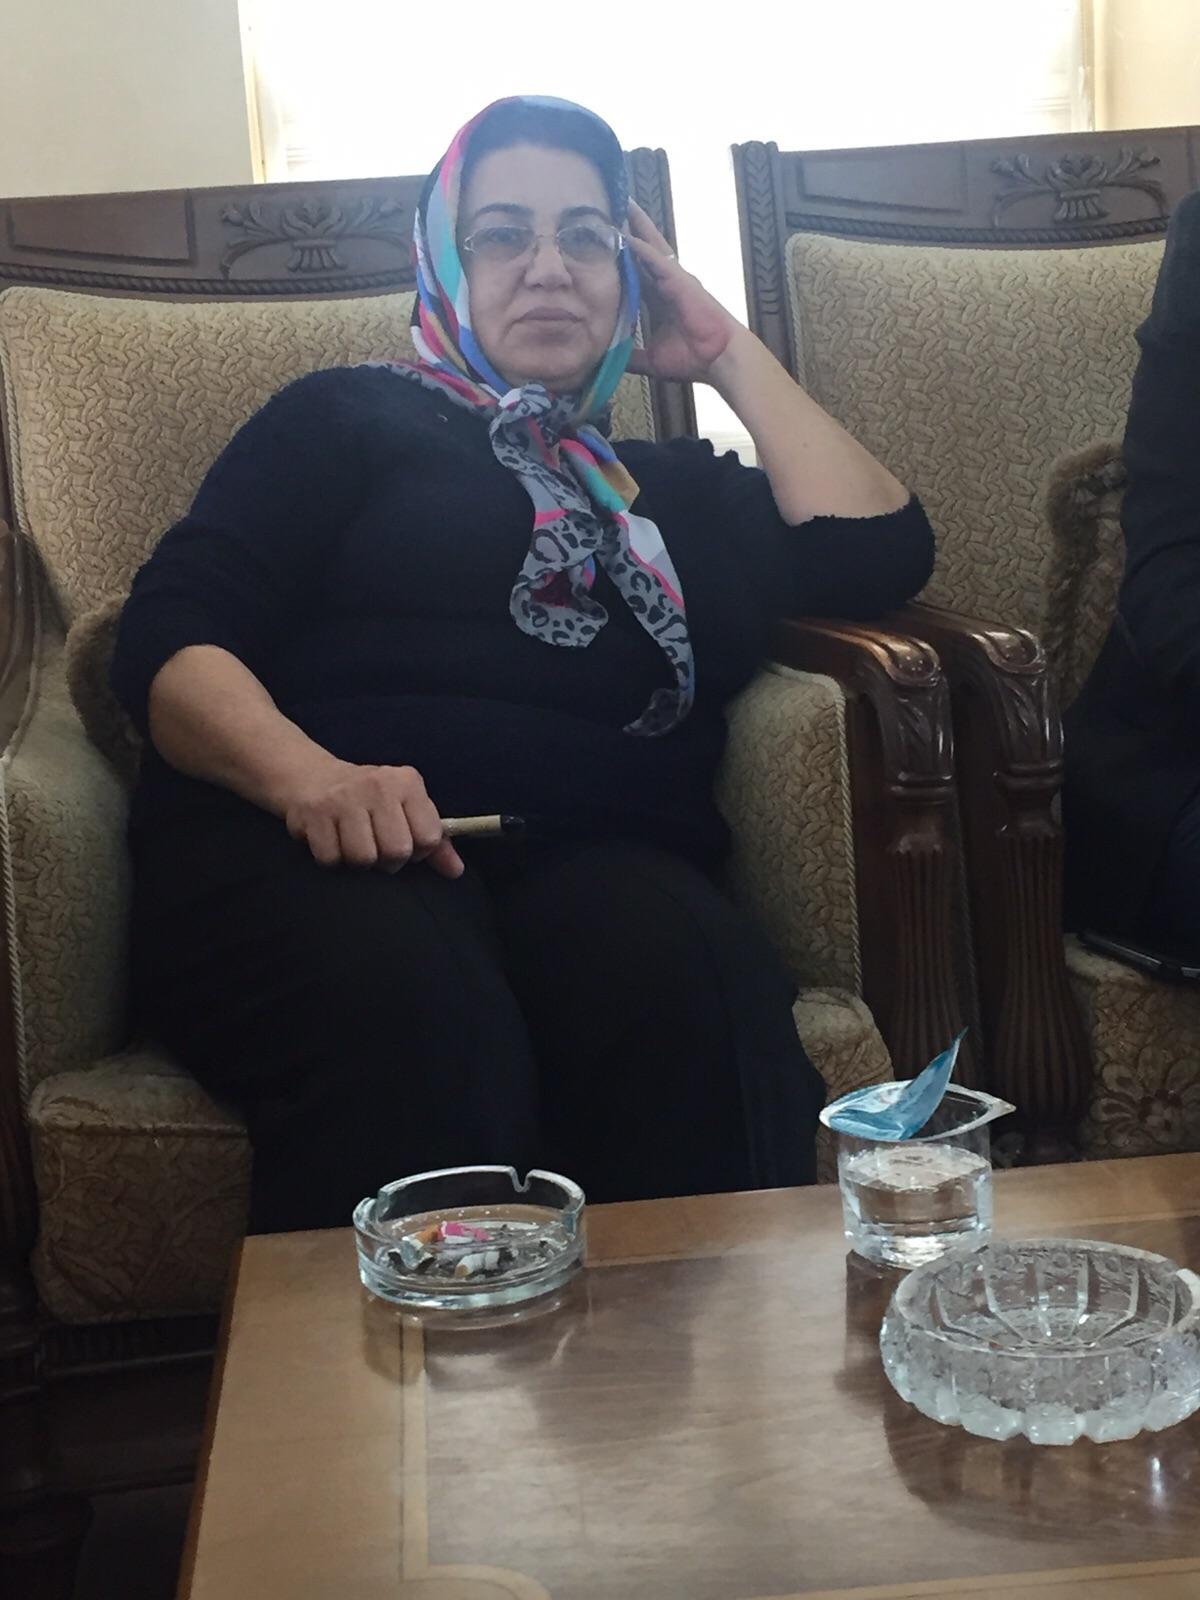 Hanım Şimşek, Silvanlı bir Ermeni: 15 yaşında evlendirdiler, 20 yaşında 4 çocuğum vardı. Kocamı faili meçhulde kaybettim